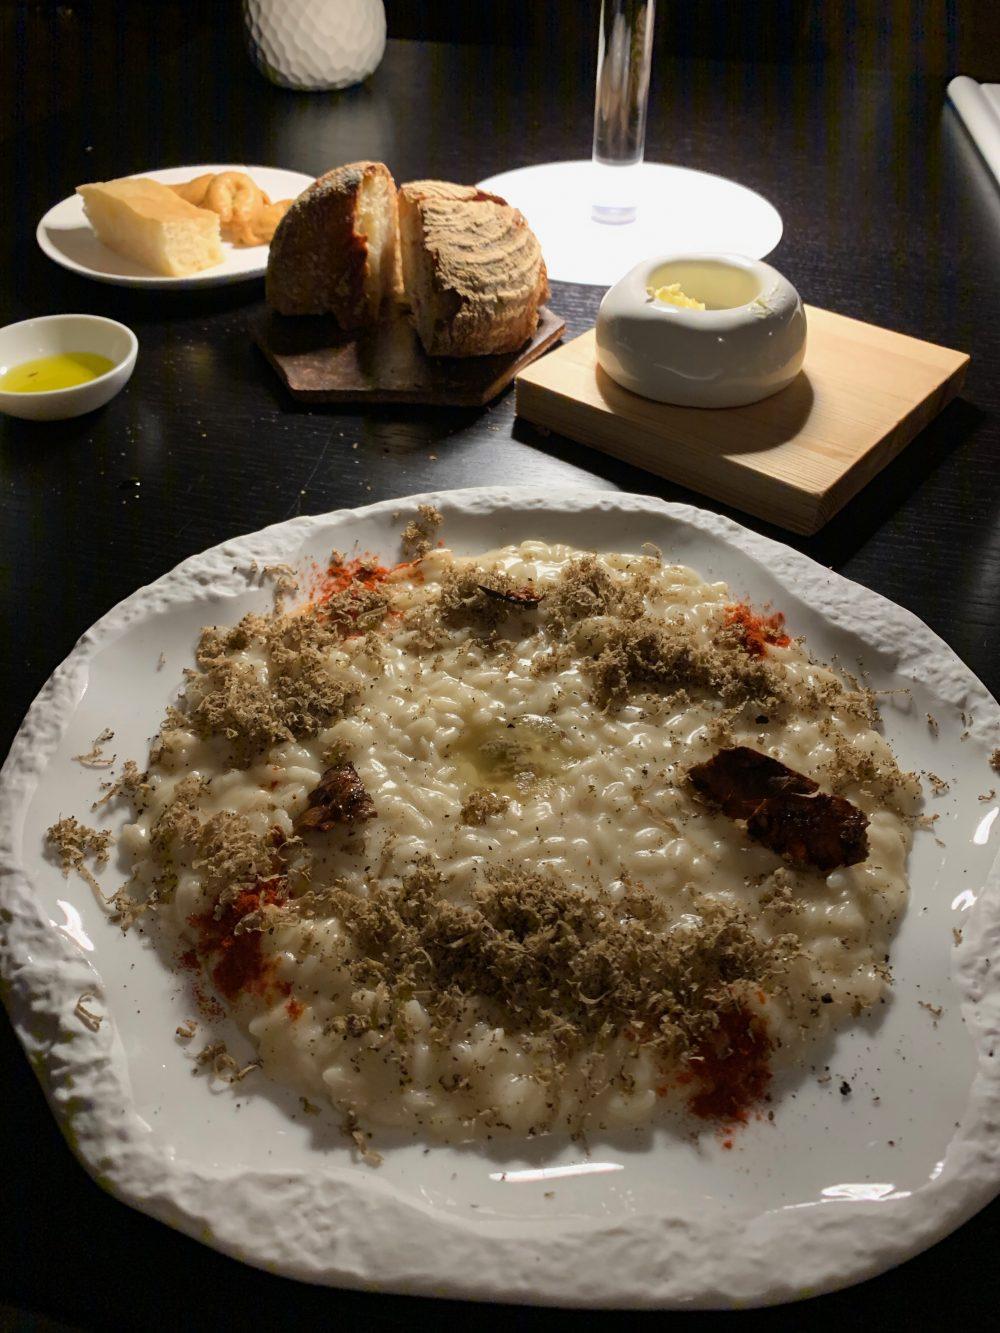 Vitium - Riso Buono mantecato con topinambur, pimenton, tartufo nero e brodo di midollo cotto al bbq